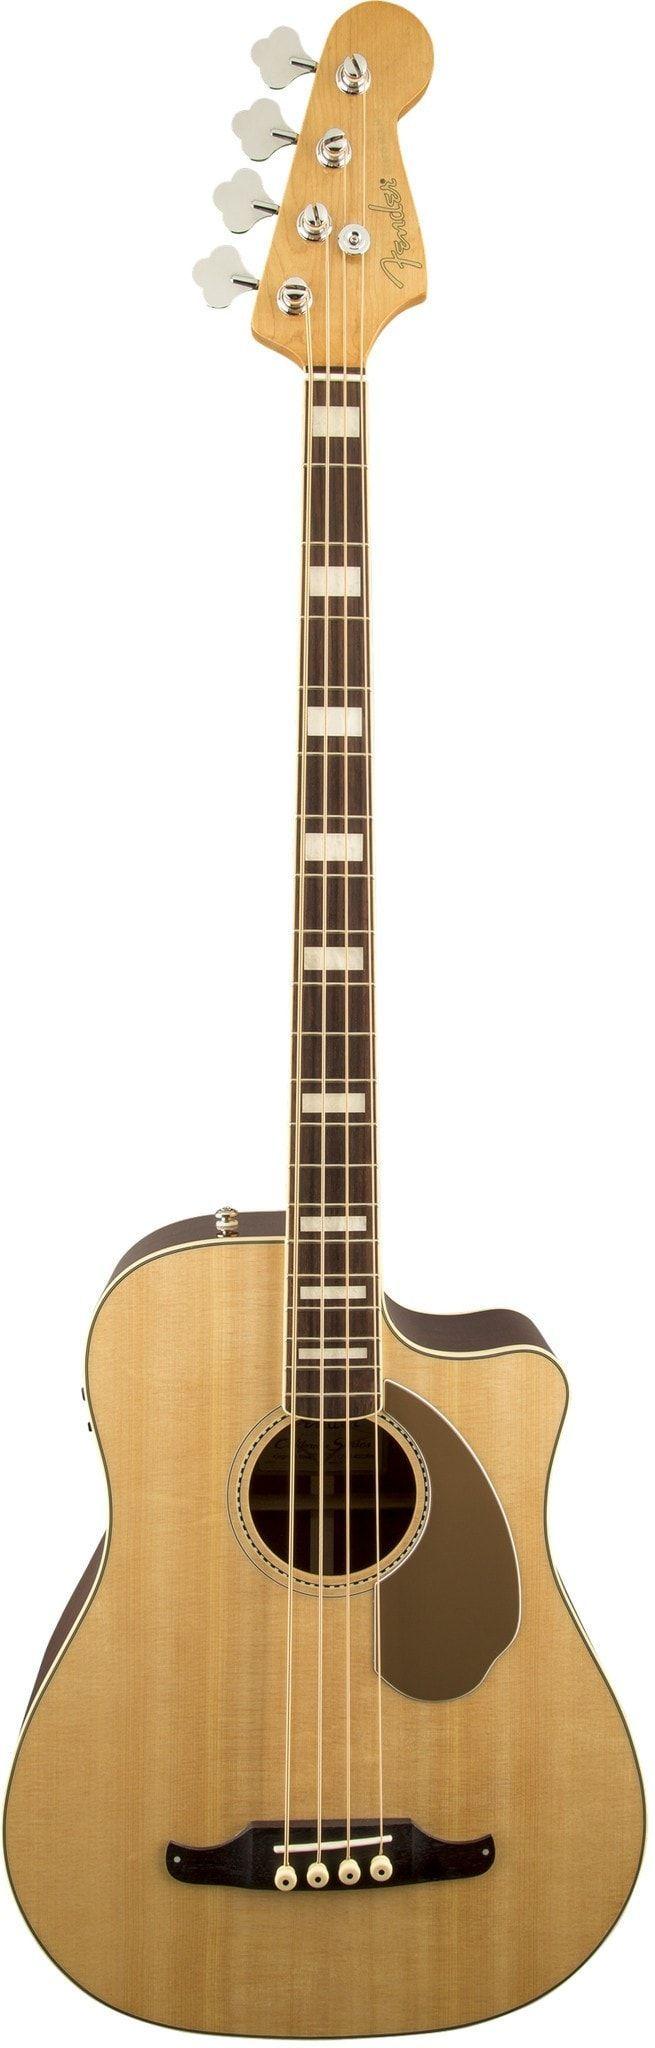 Fender Kingman Bass Sce Includes Case Acoustic Bass Guitar Acoustic Bass Fender Acoustic Bass